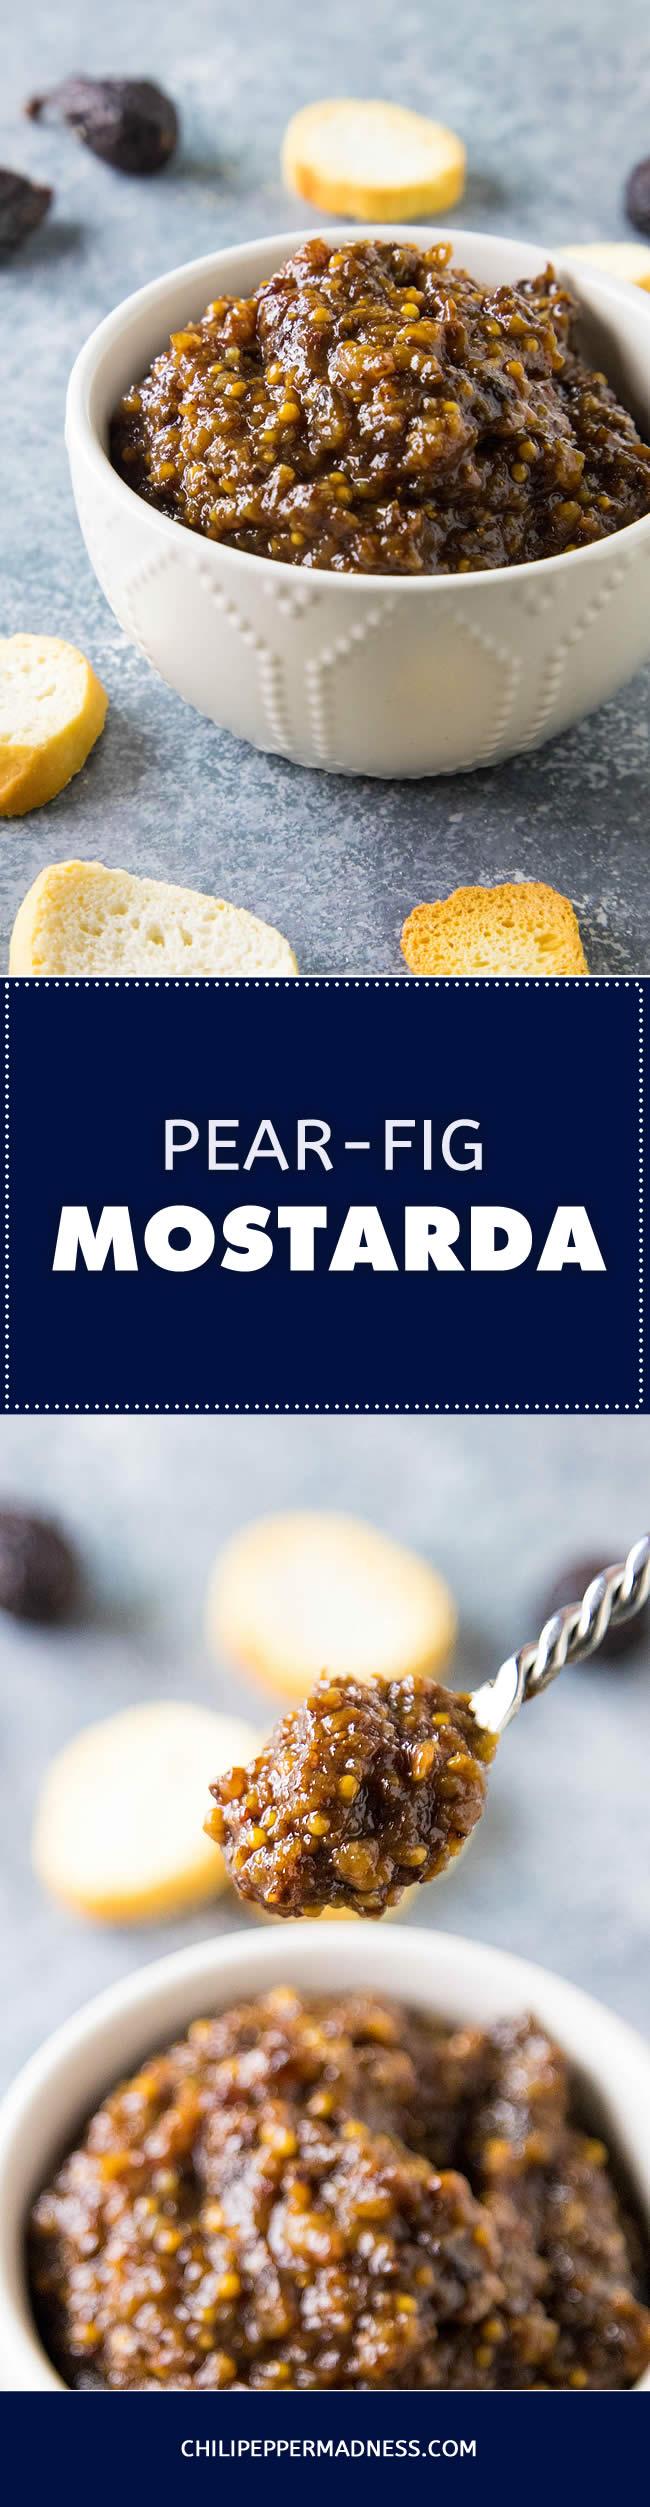 Pear-Fig Mostarda - Recipe